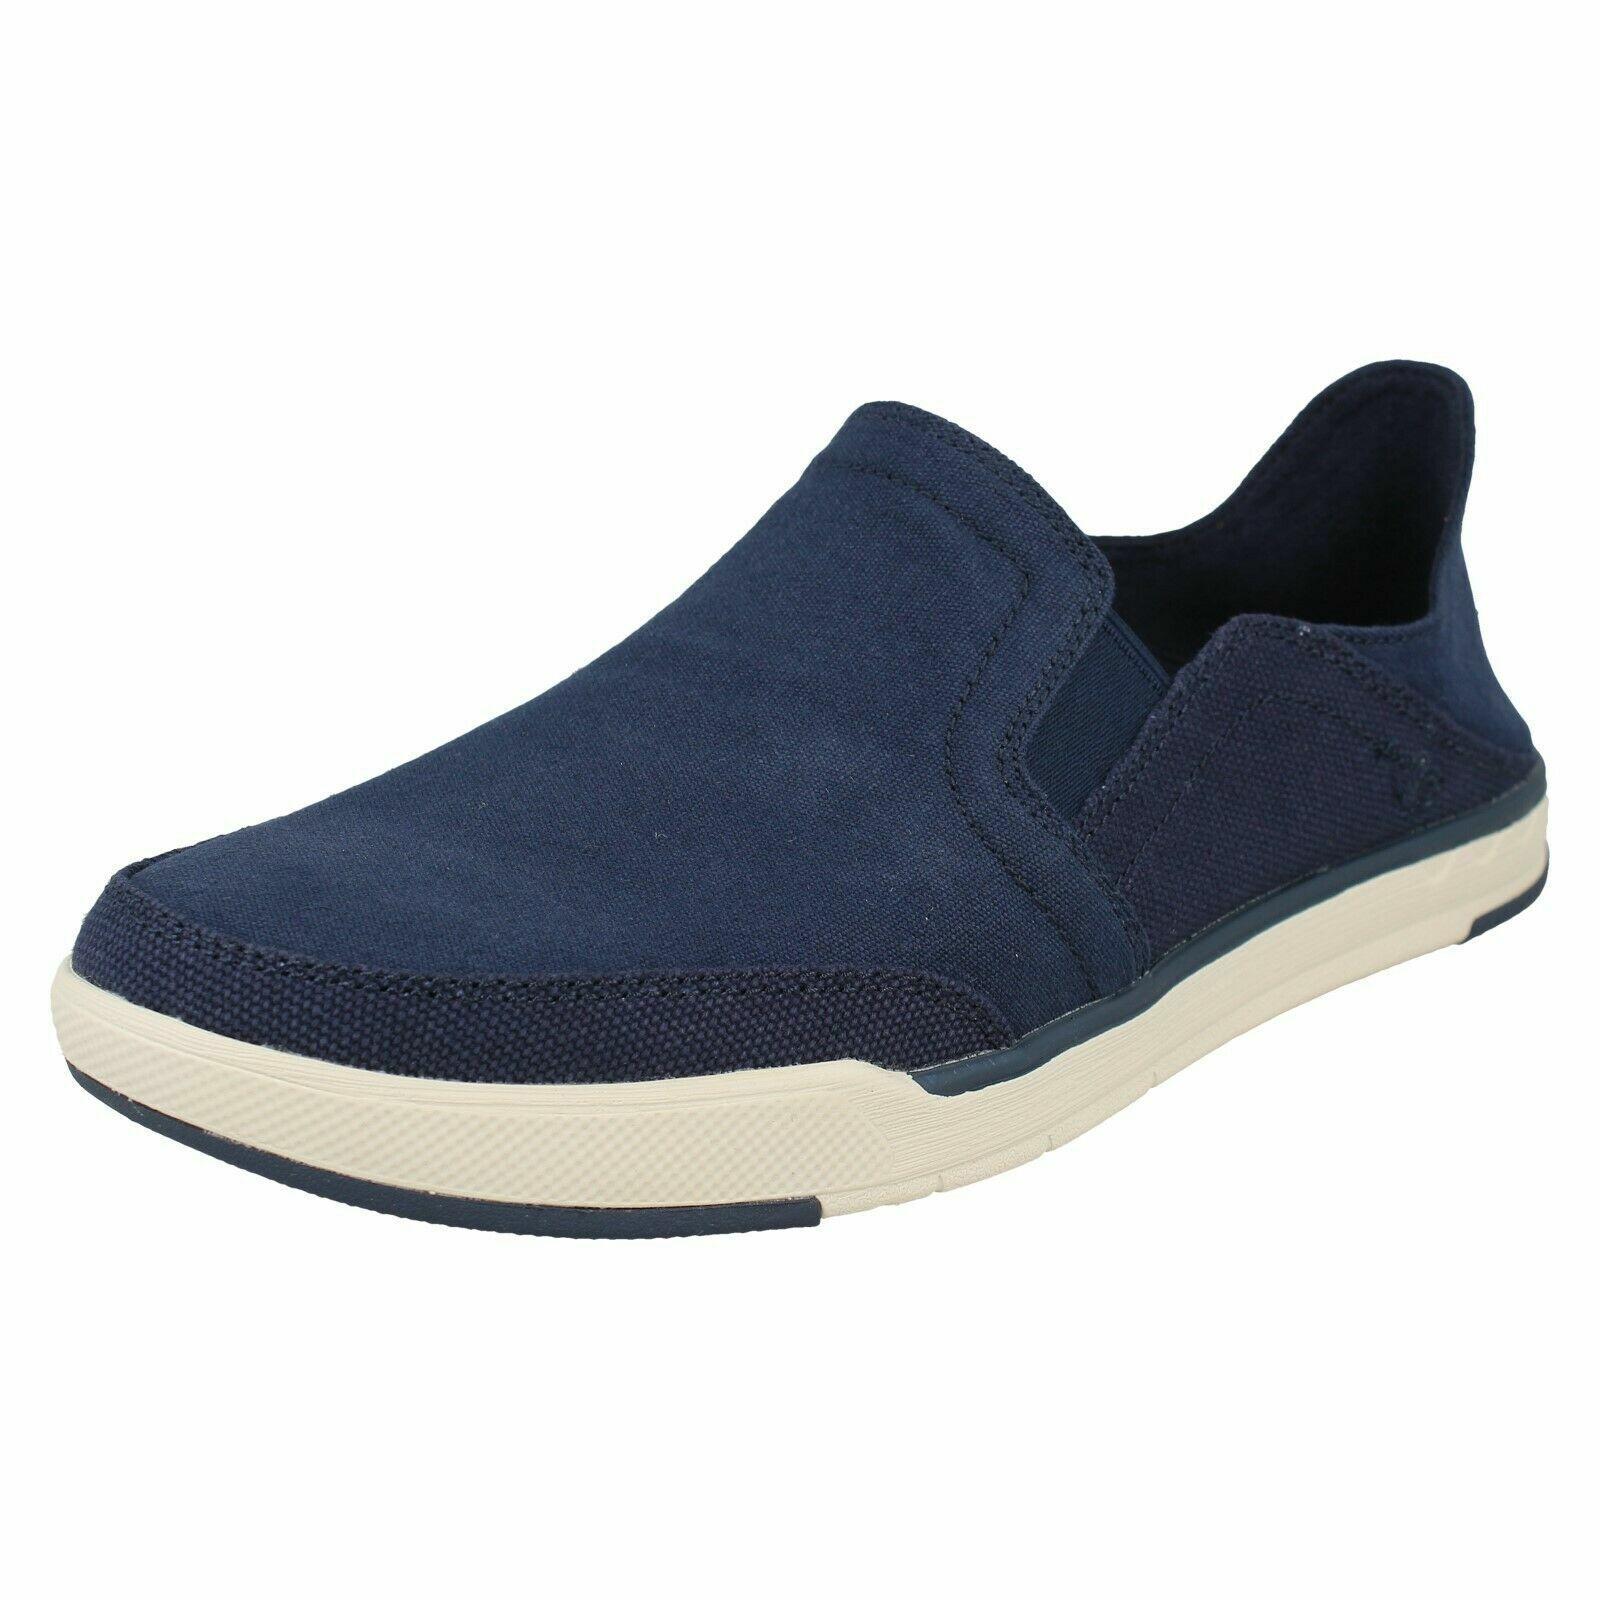 Herren Clarks Schritt Isle Reihen Marineblau Slipper Leinen Schuhe